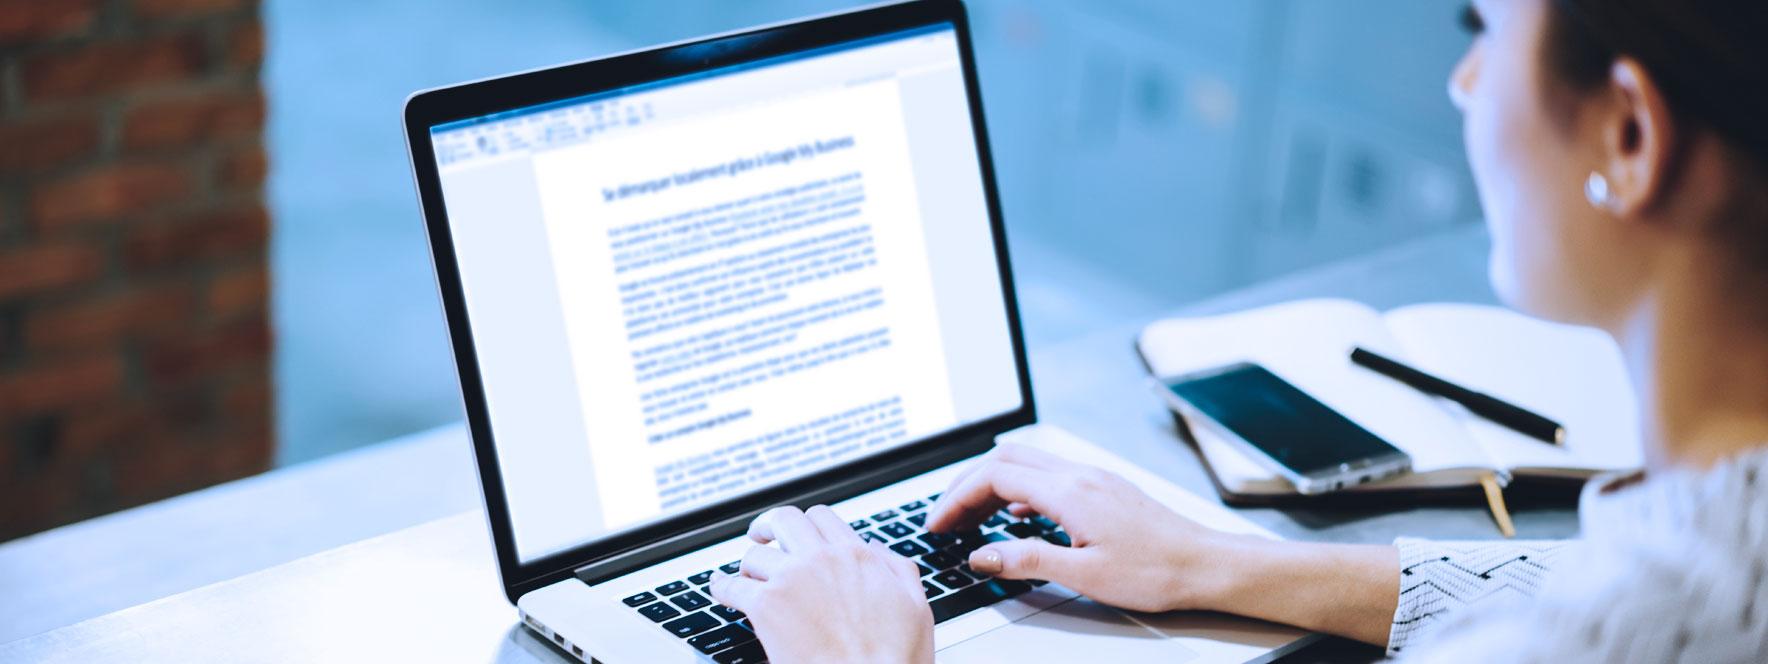 Écriture texte contenu portable - Blogue du Réseau